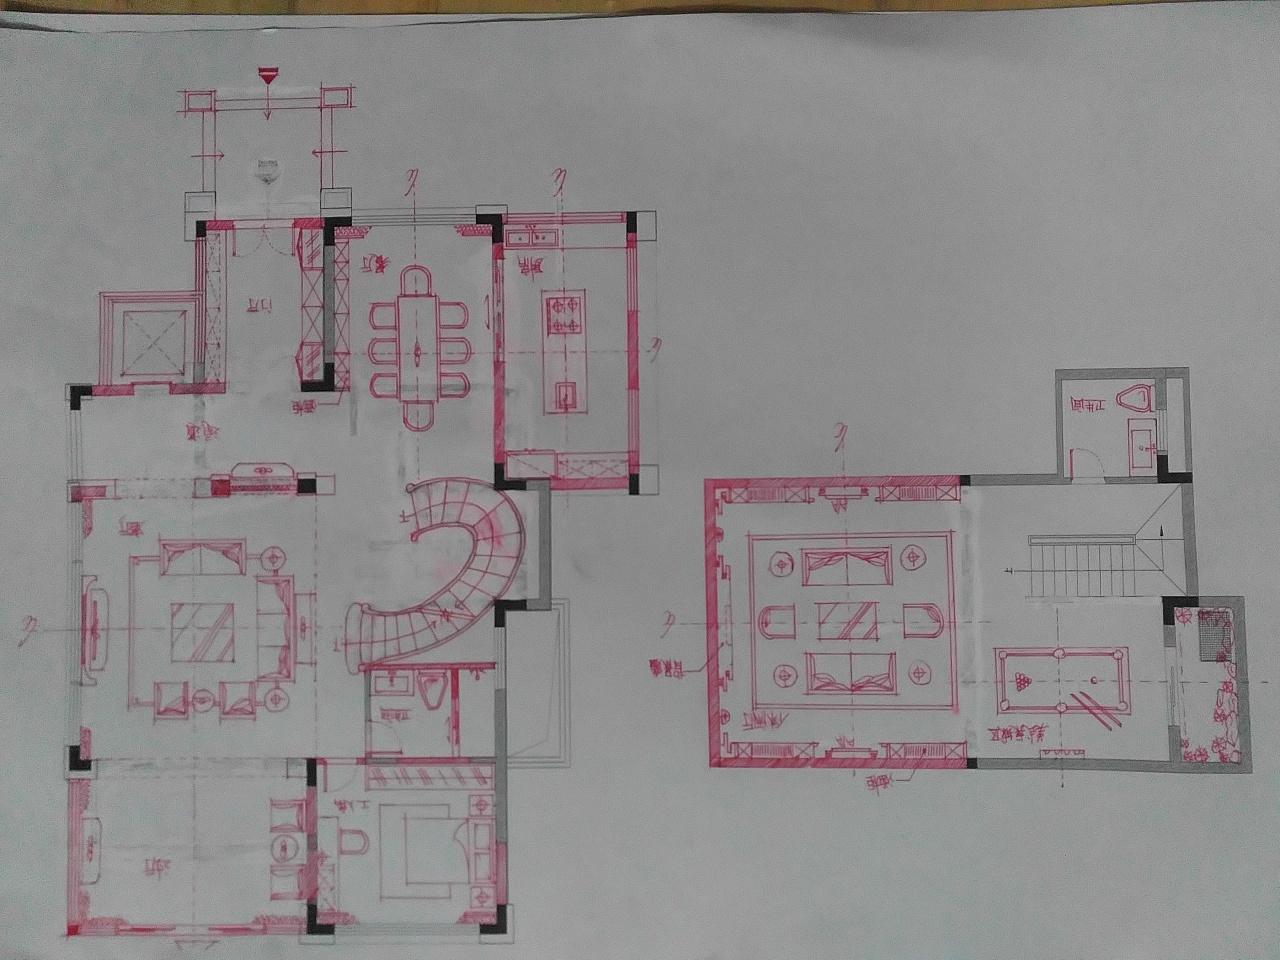 平面布局手绘图|空间|室内设计|smog - 原创作品